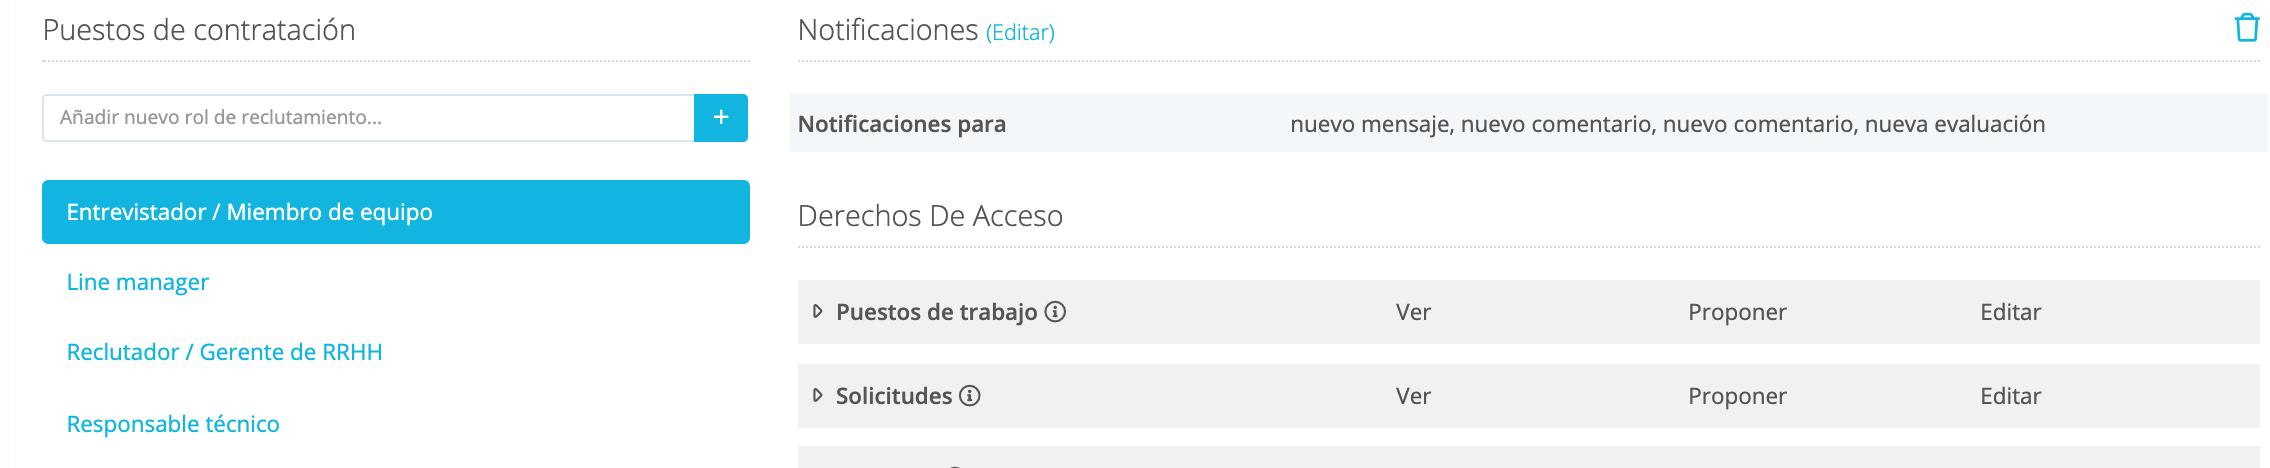 Recruiter-OptionB-Accessrights_es.png